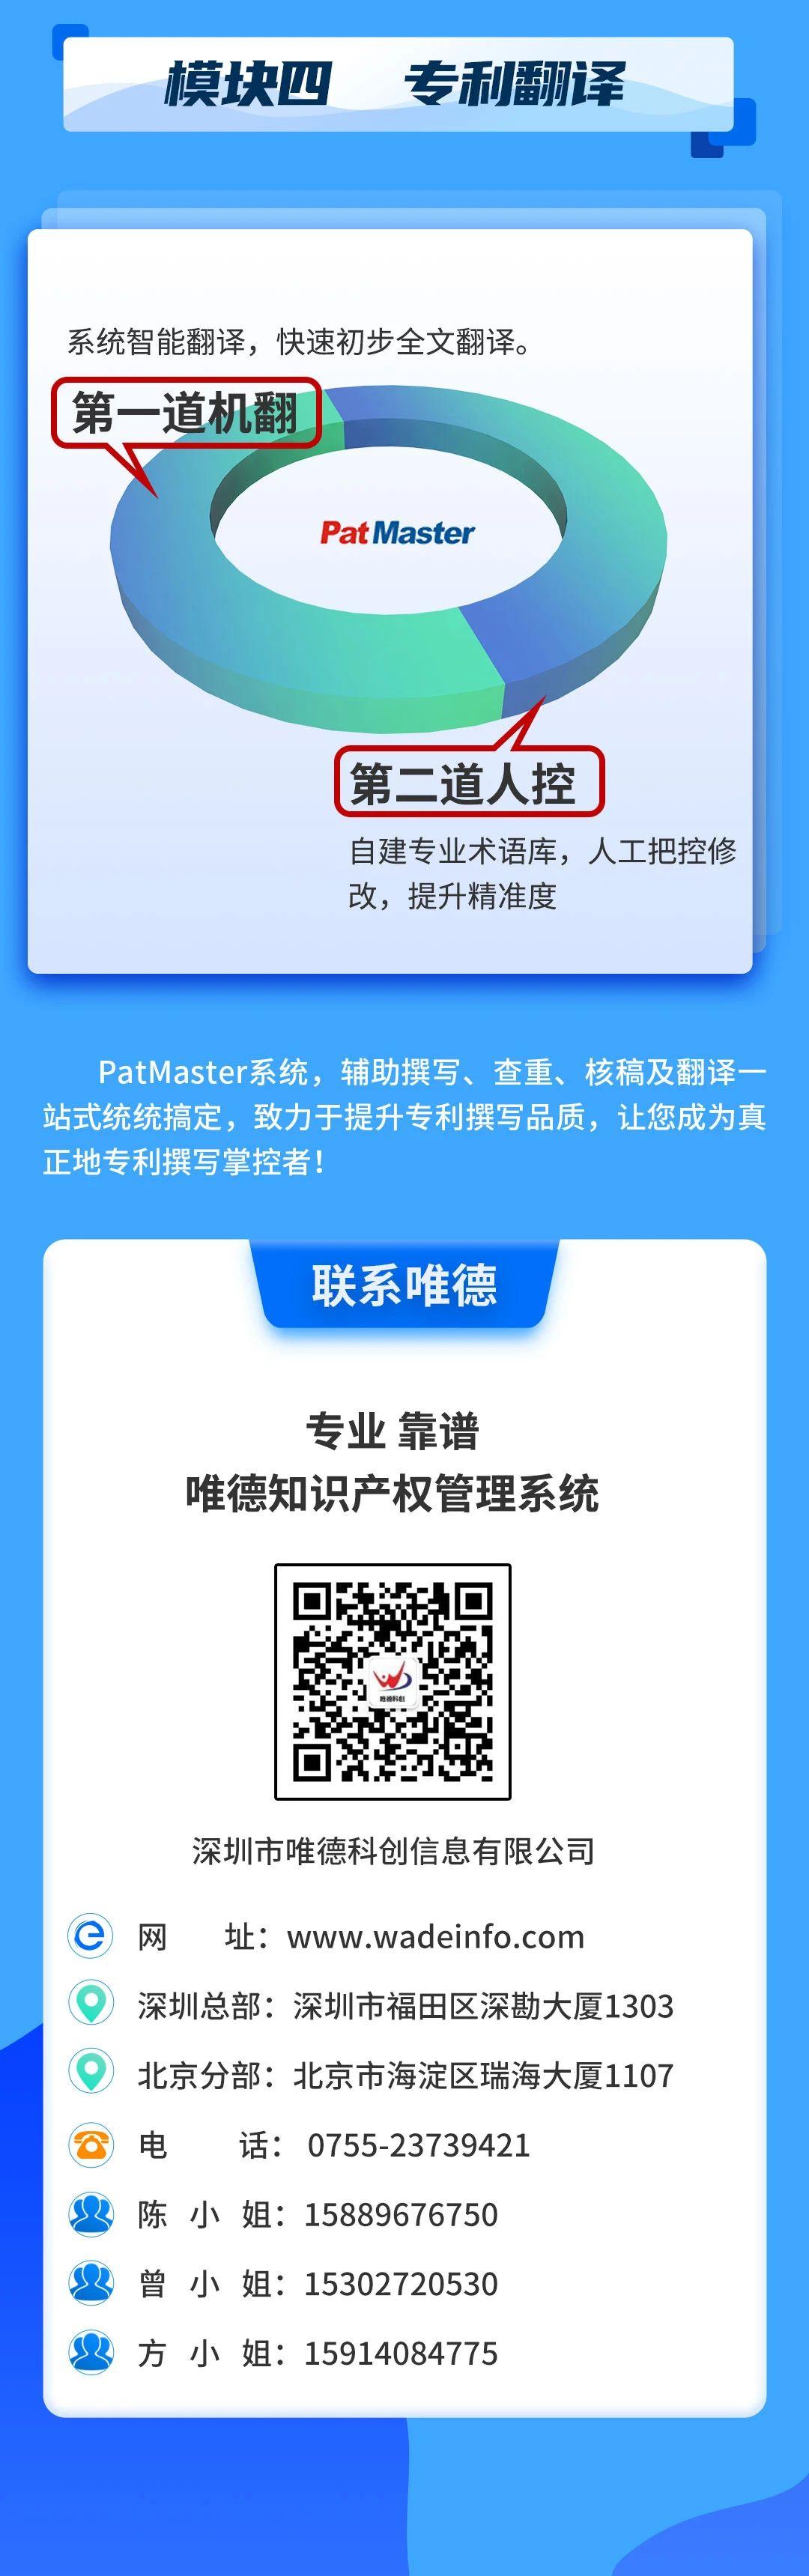 唯德新品上市!PatMaster致力于提升专利品质